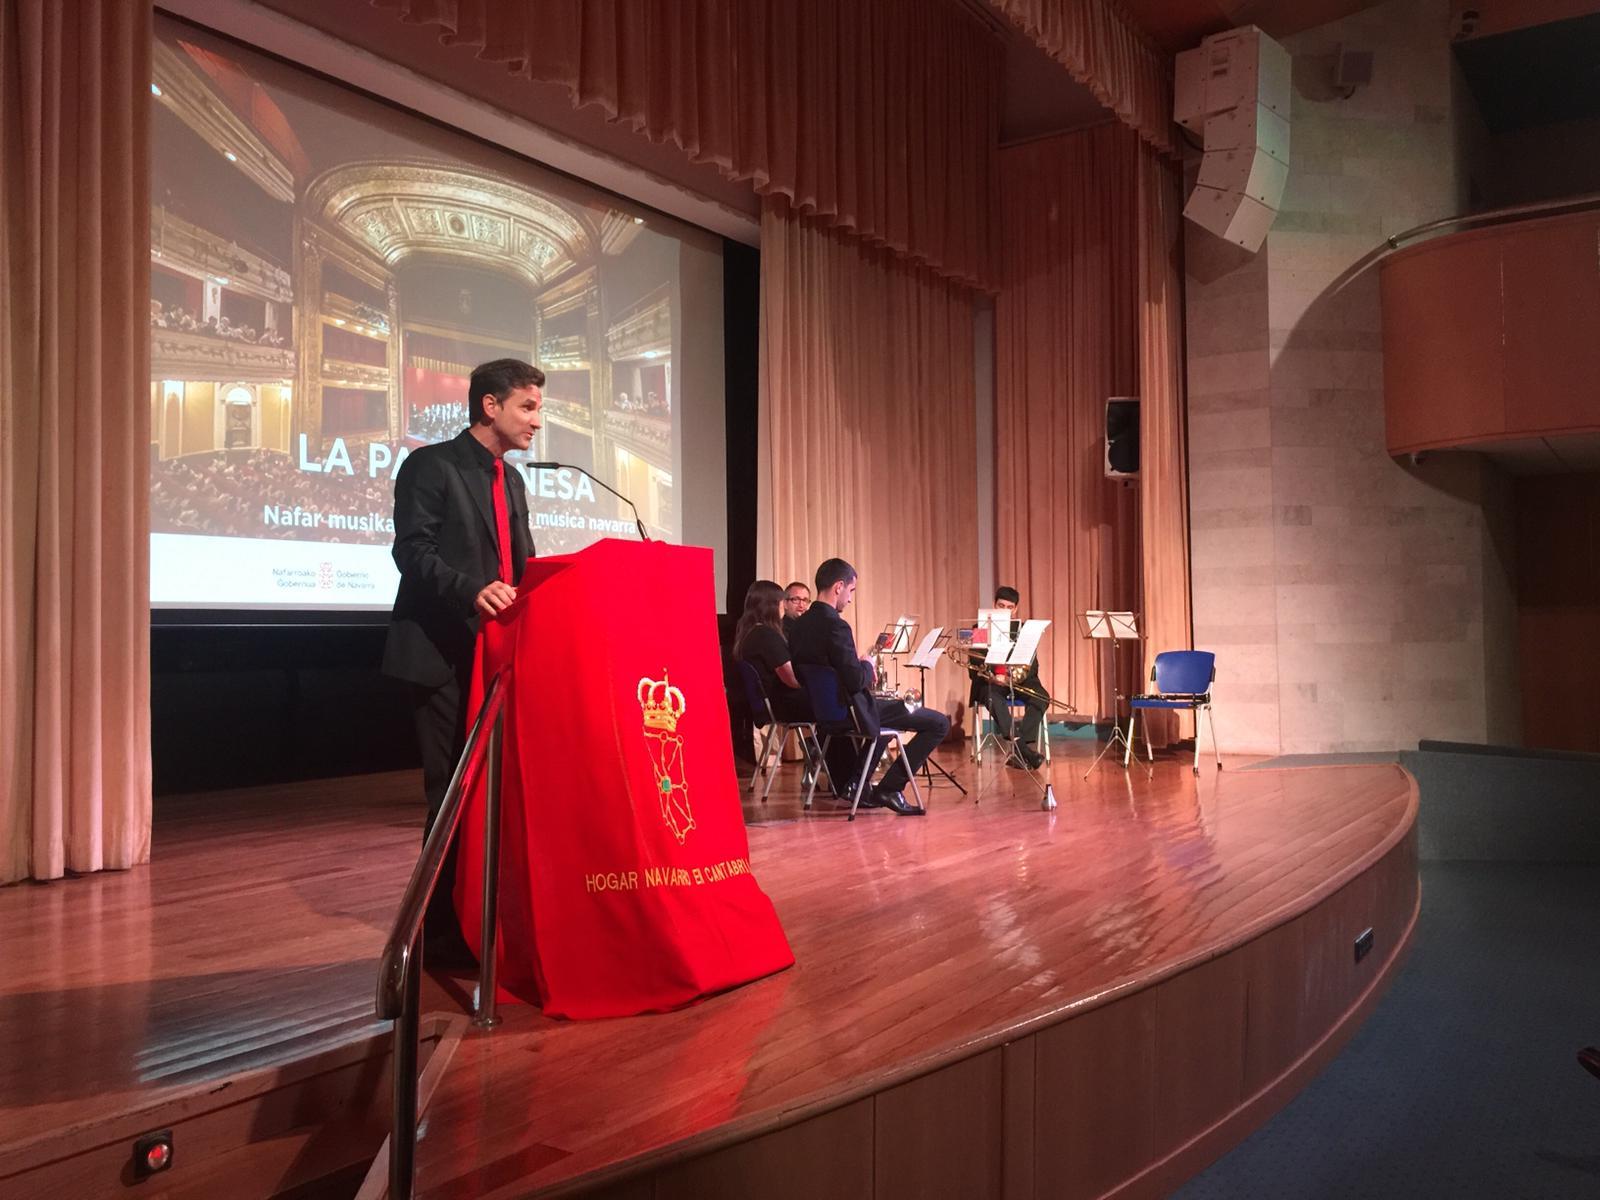 El presidente de la Pamplonesa, se dirige al público asistente al concierto en Santander.